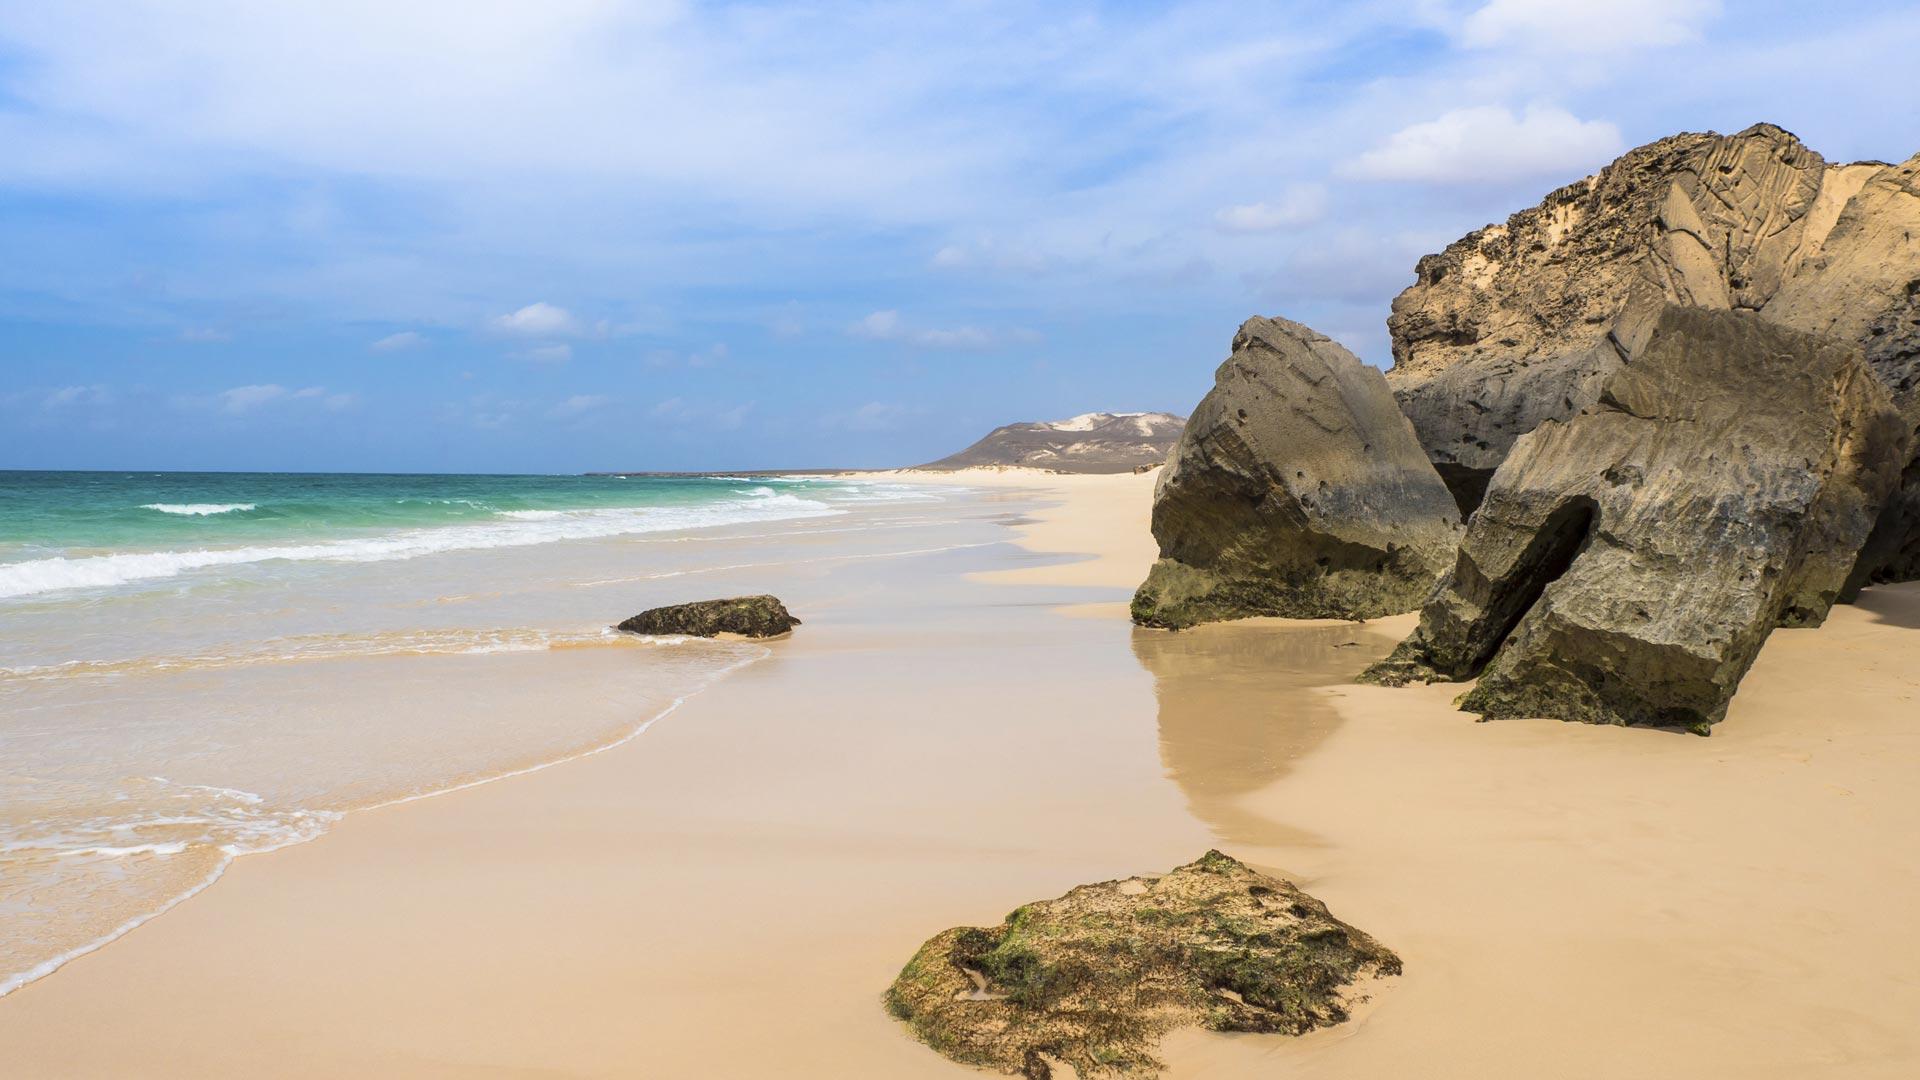 Paysages désertiques, oasis verts, plages de sable fin ou galets blancs, eau turquoise, toute la beauté des îles du Cap-Vert